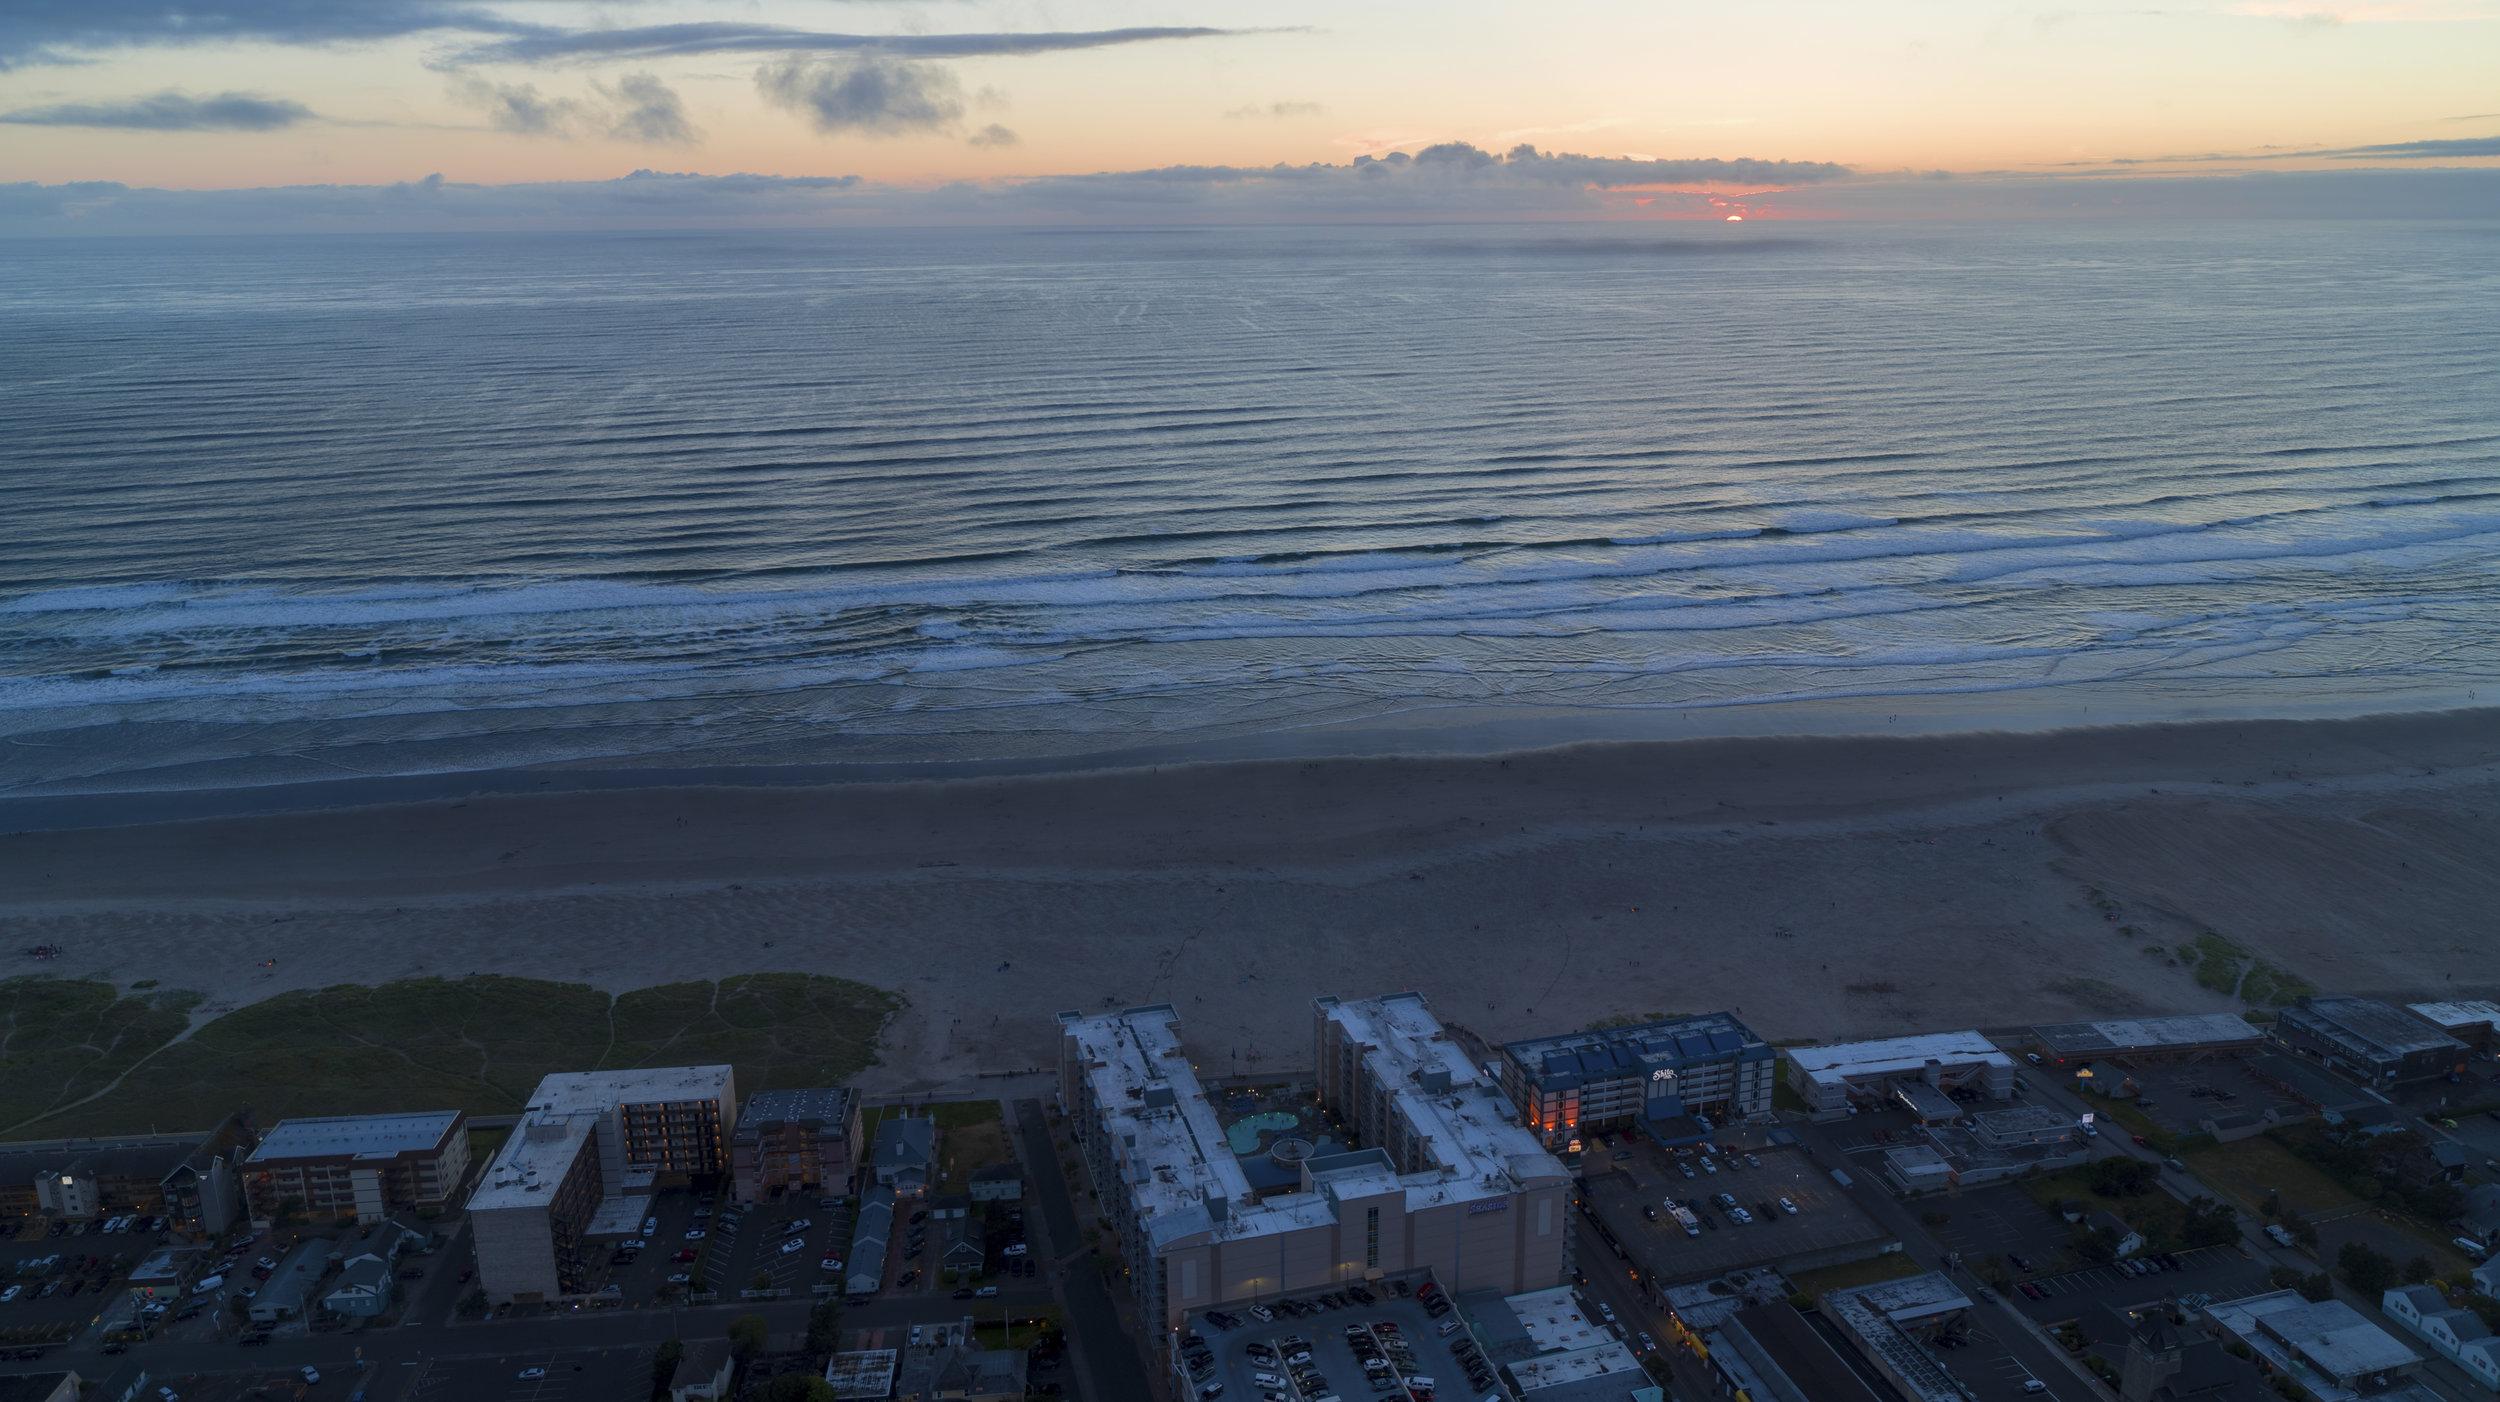 Seaside2-2211.jpg